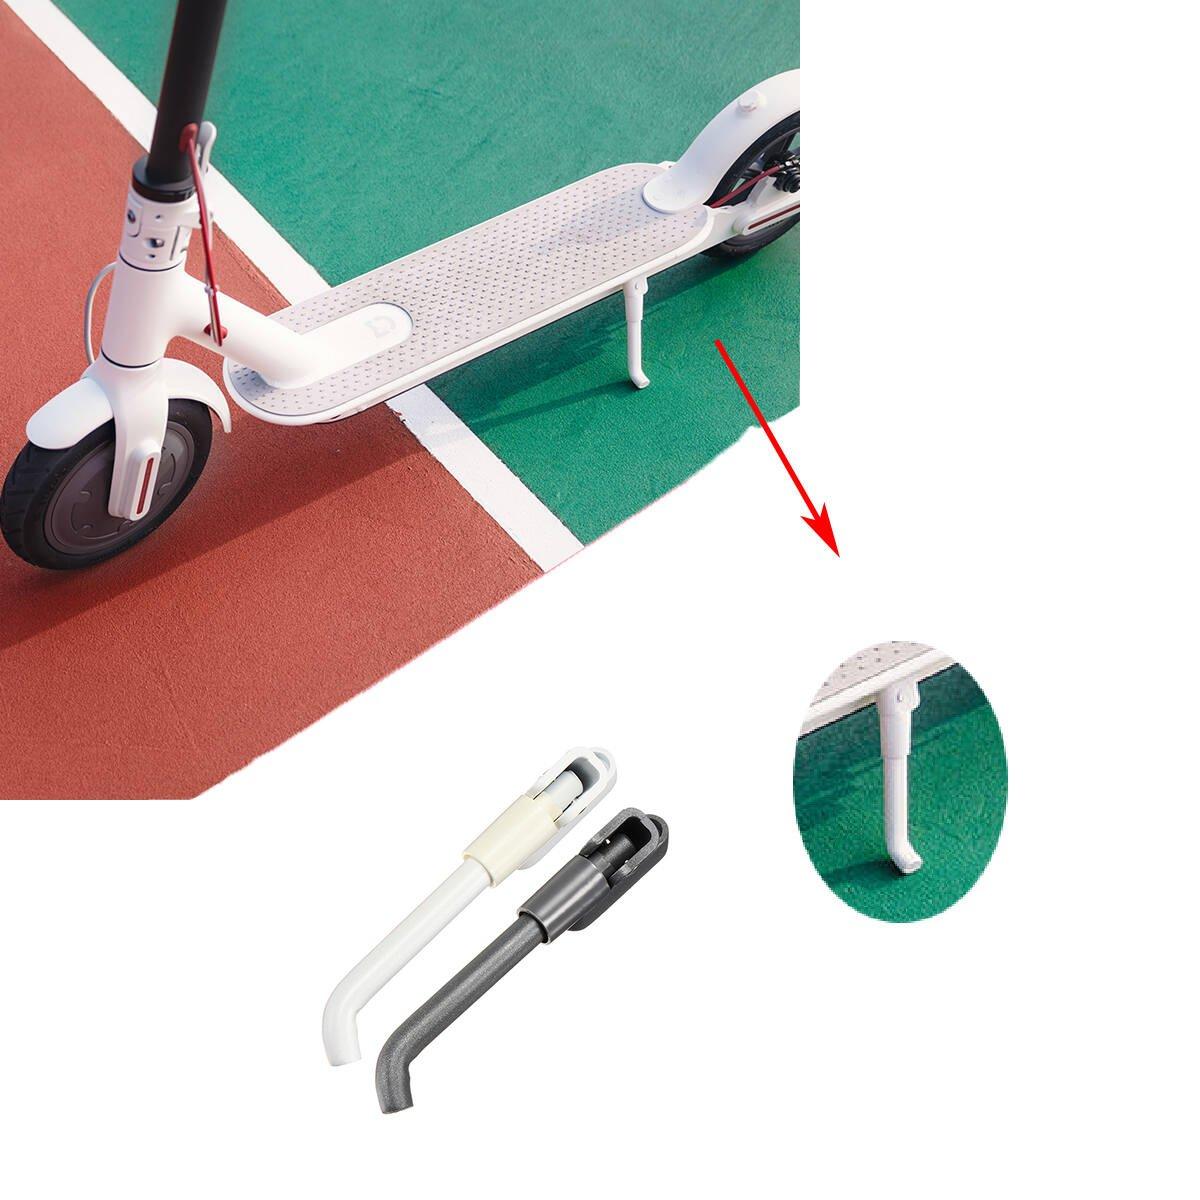 Pata de cabra de SGerste para patinete eléctrico Xiaomi Mijia M365, accesorios de estacionamiento para minipatinetes